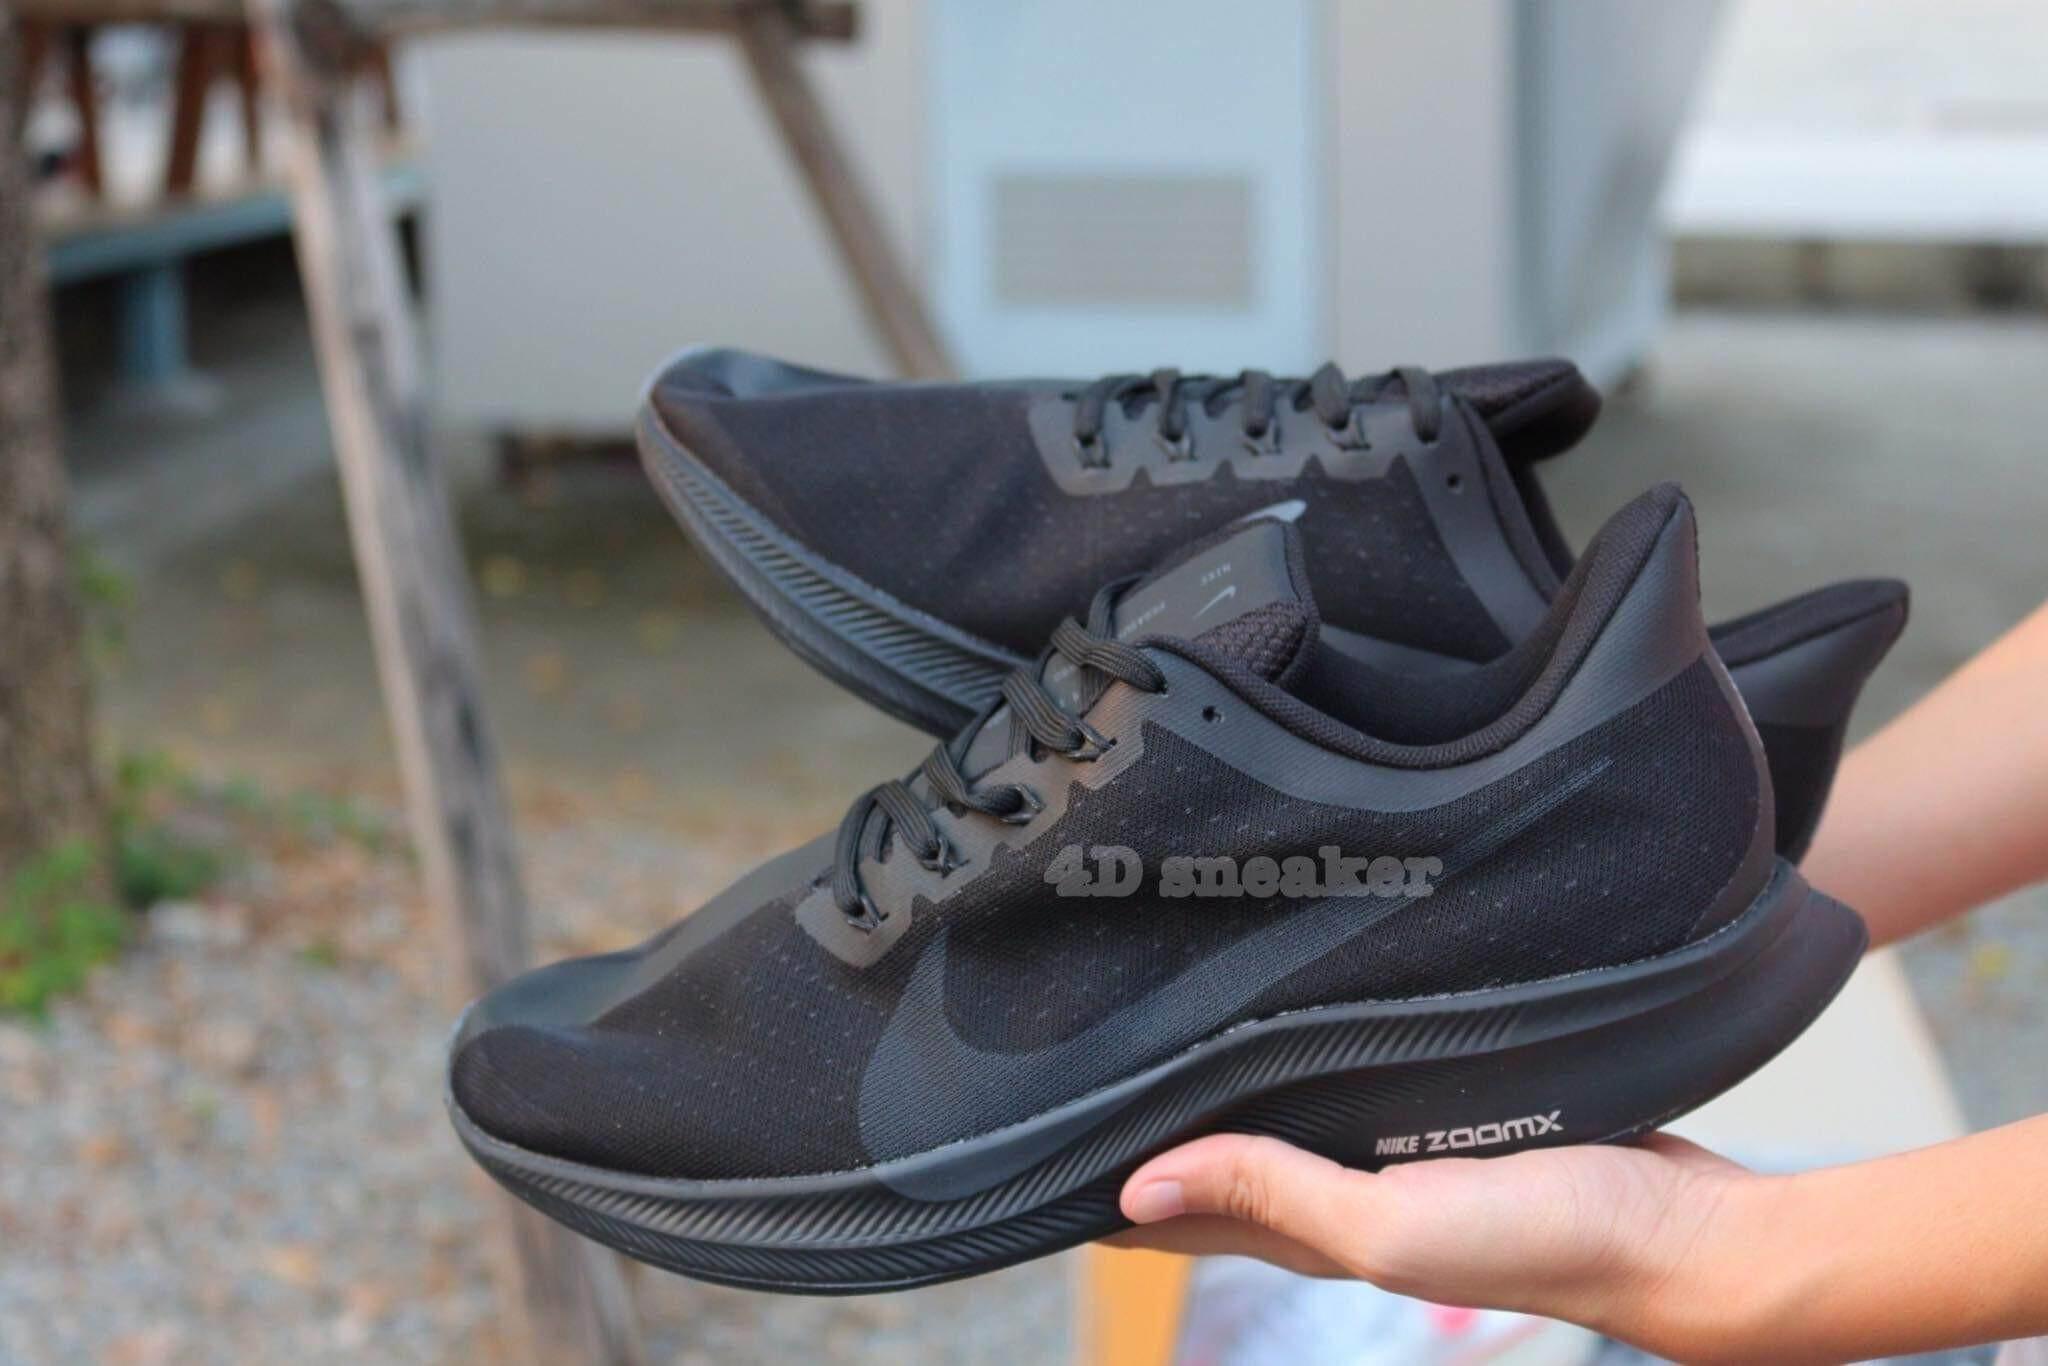 Nike Xoom Pegasus 35 Turbo   Black Color   รองเท้าผ้าใบ สายวิ่ง (Runner Shoe) ในตำนาน สินค้าพร้อมอุปกรณ์ ของแถม ที่ให้มากกว่า Shop!!